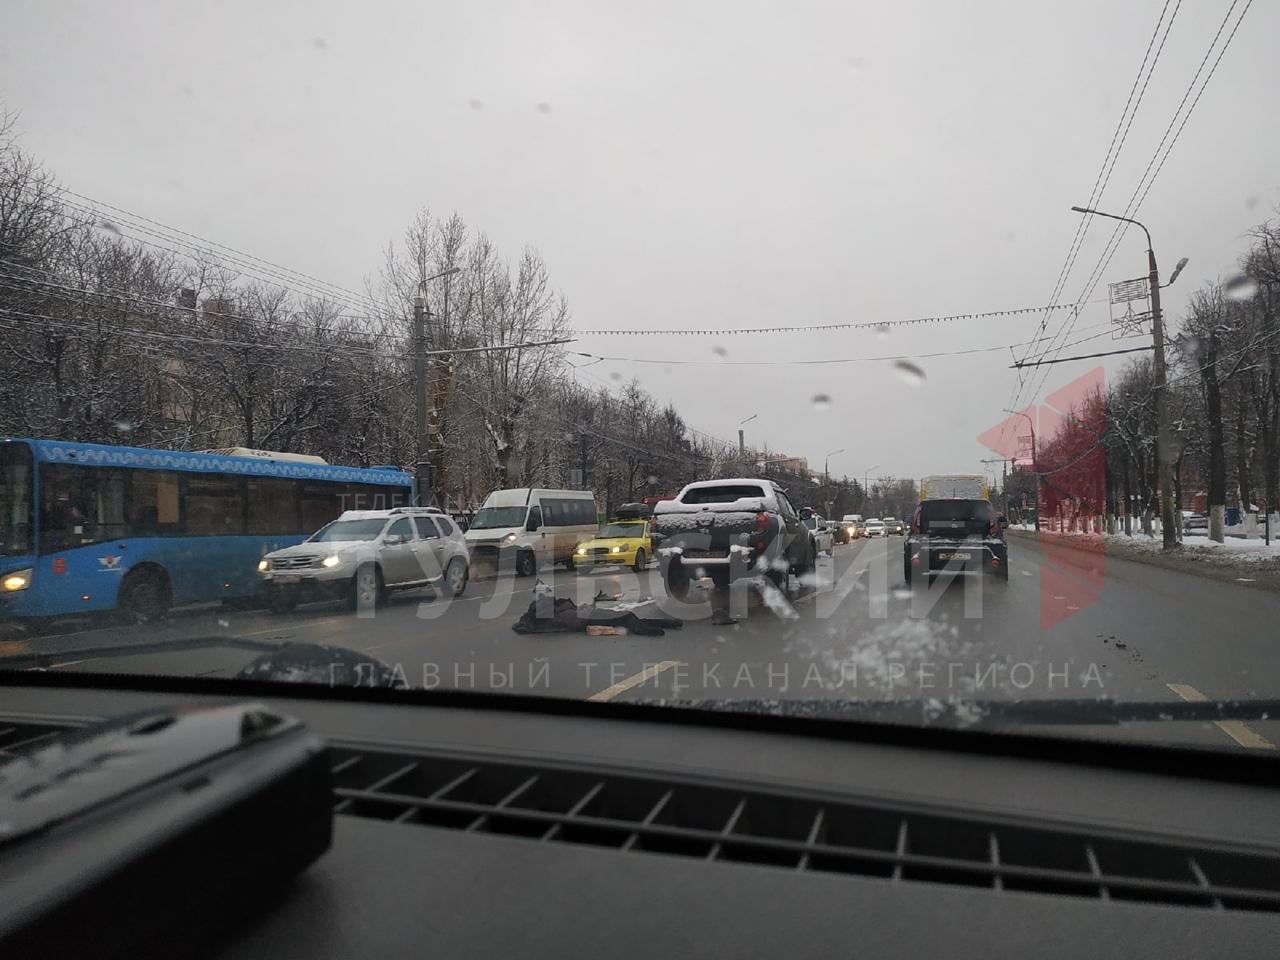 В центре Тулы на проспекте Ленина сбили пешехода: видео